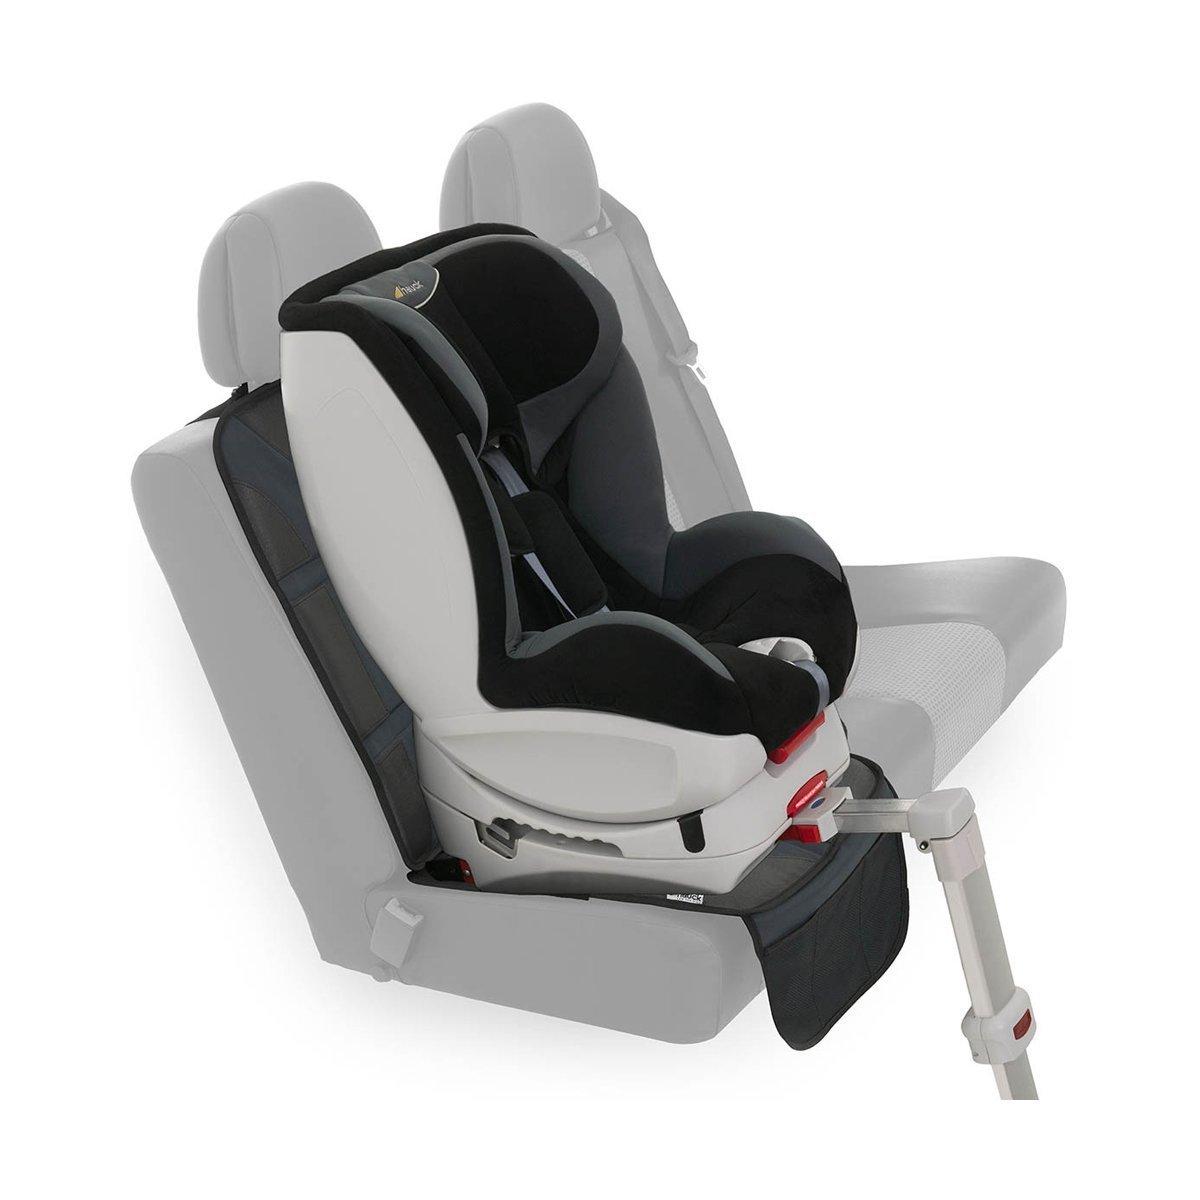 Купить Аксессуары для автокресел, Защитный коврик под автокресло Sit On Me Deluxe 61802-8 ТМ: Hauck